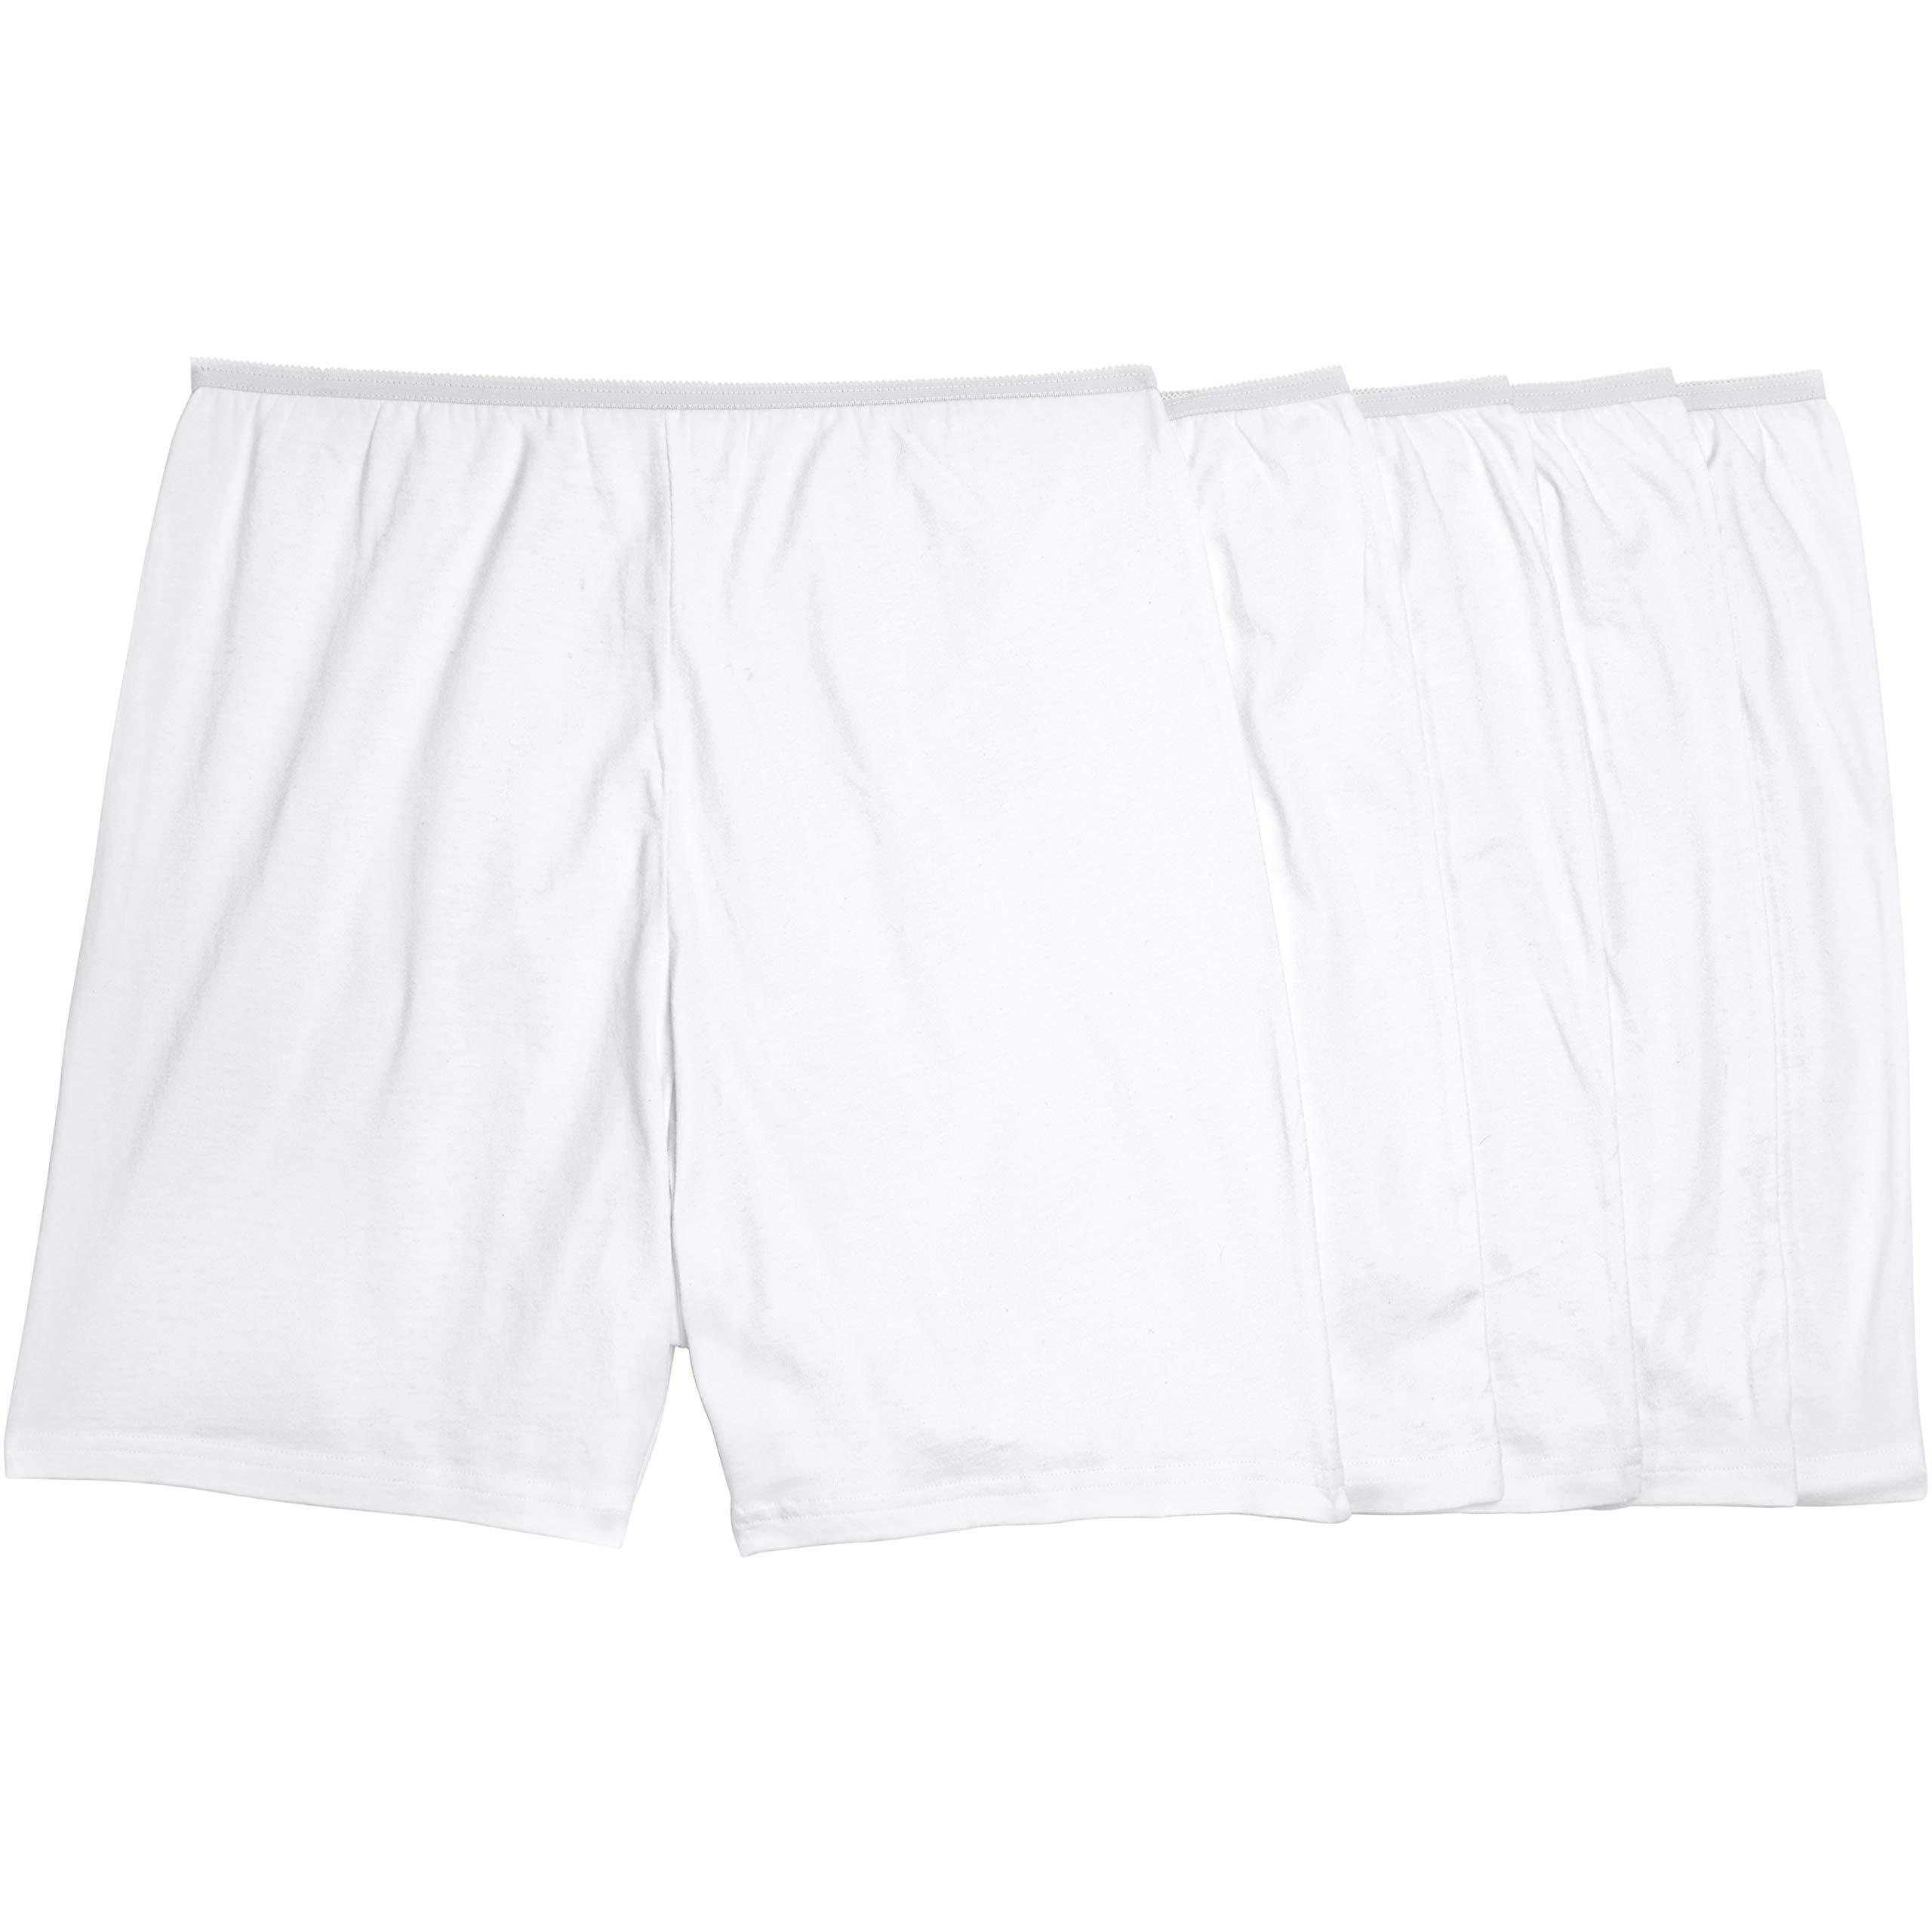 Comfort Choice Women's Plus Size 5-Pack Cotton Boxer